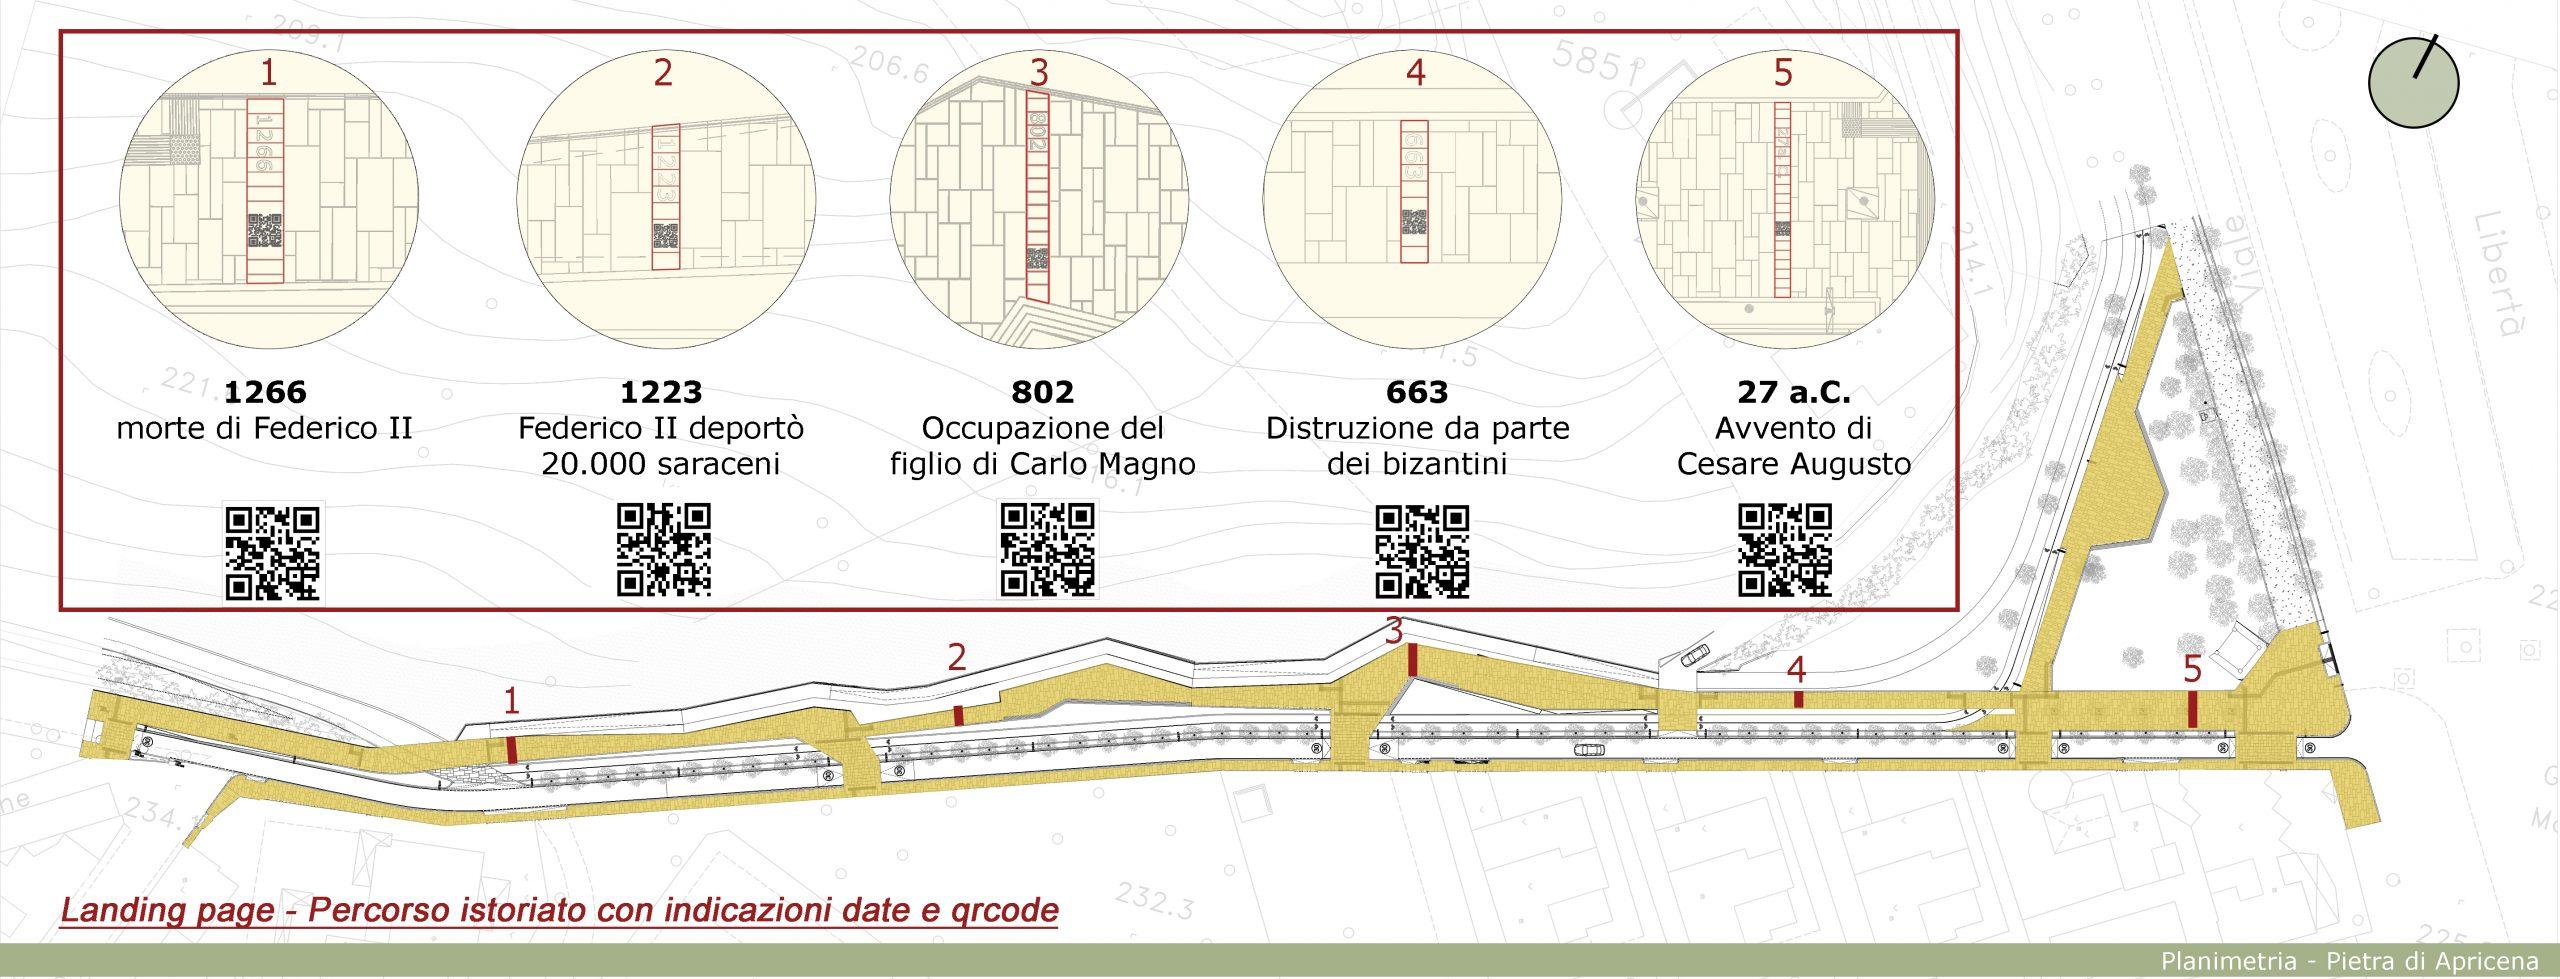 planimetria con qr code